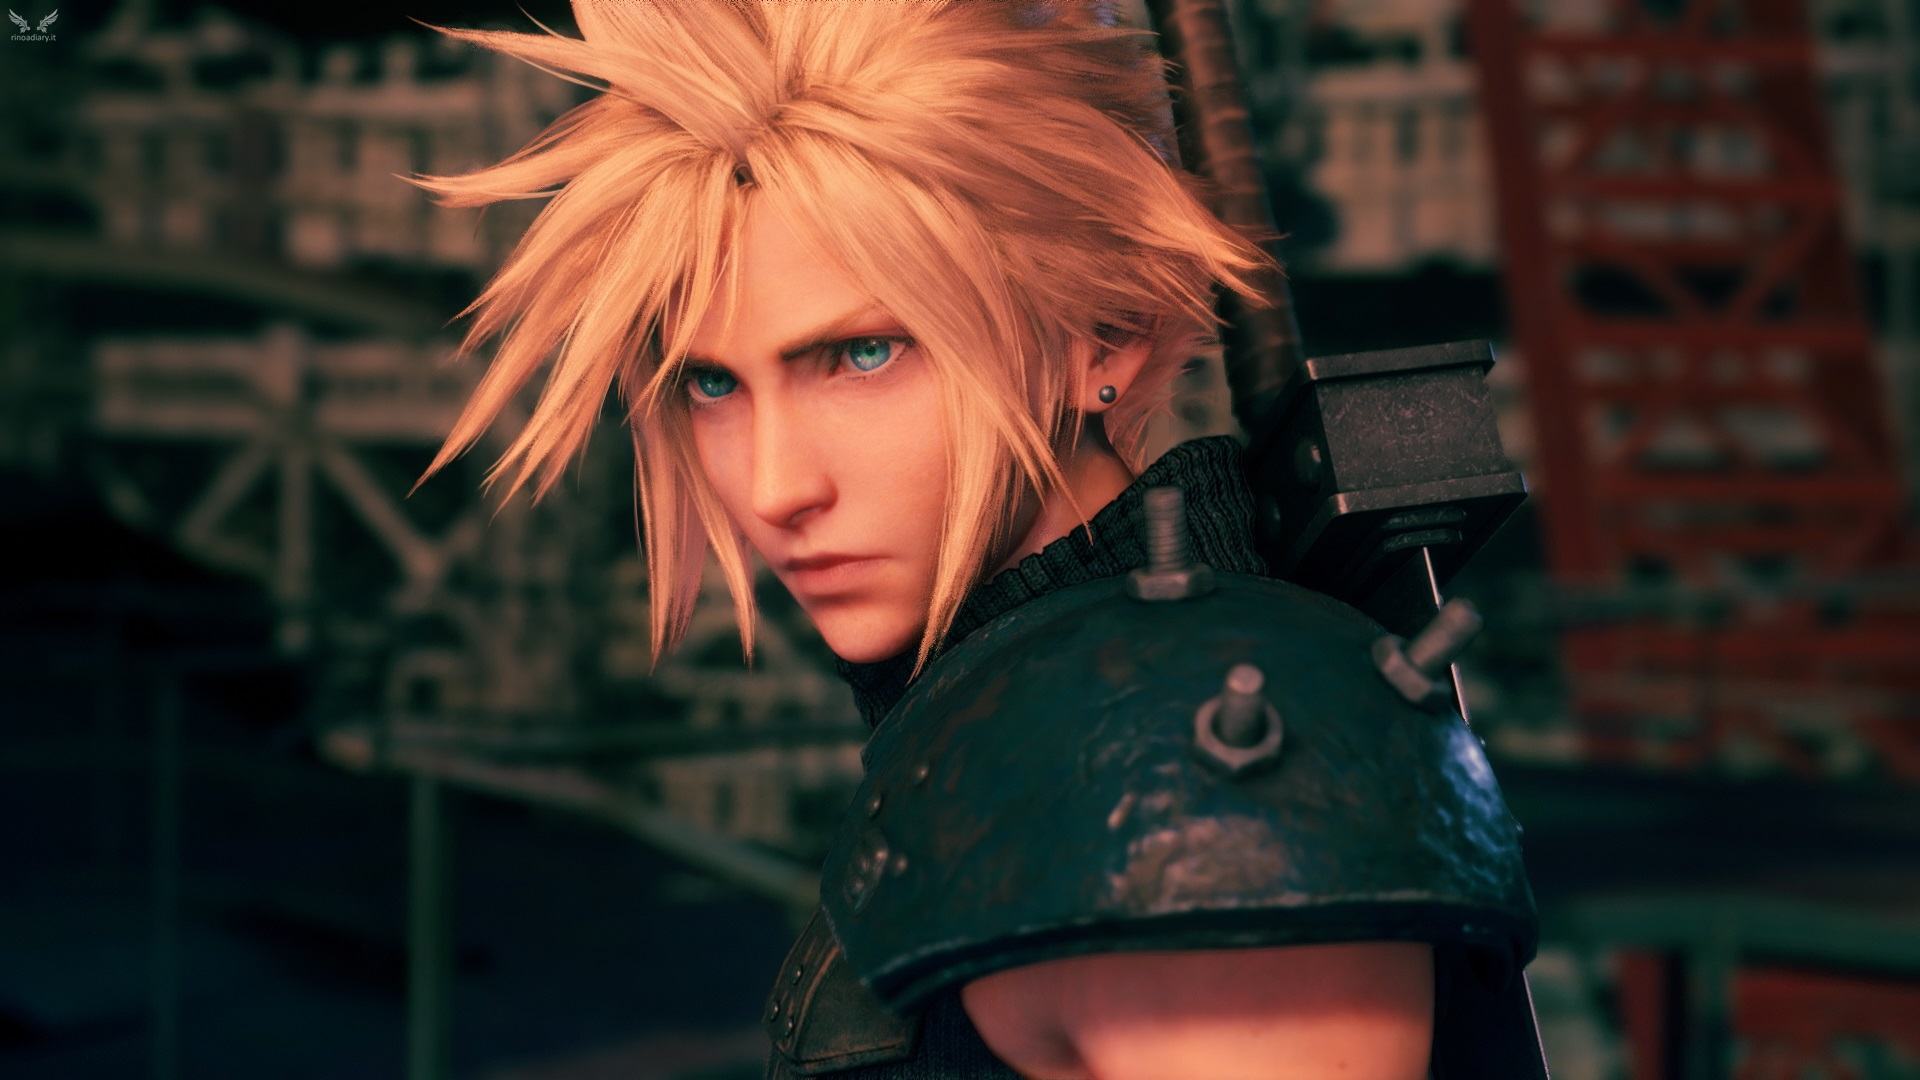 Ecco il nuovo trailer di Final Fantasy VII Remake dedicato a Cloud!